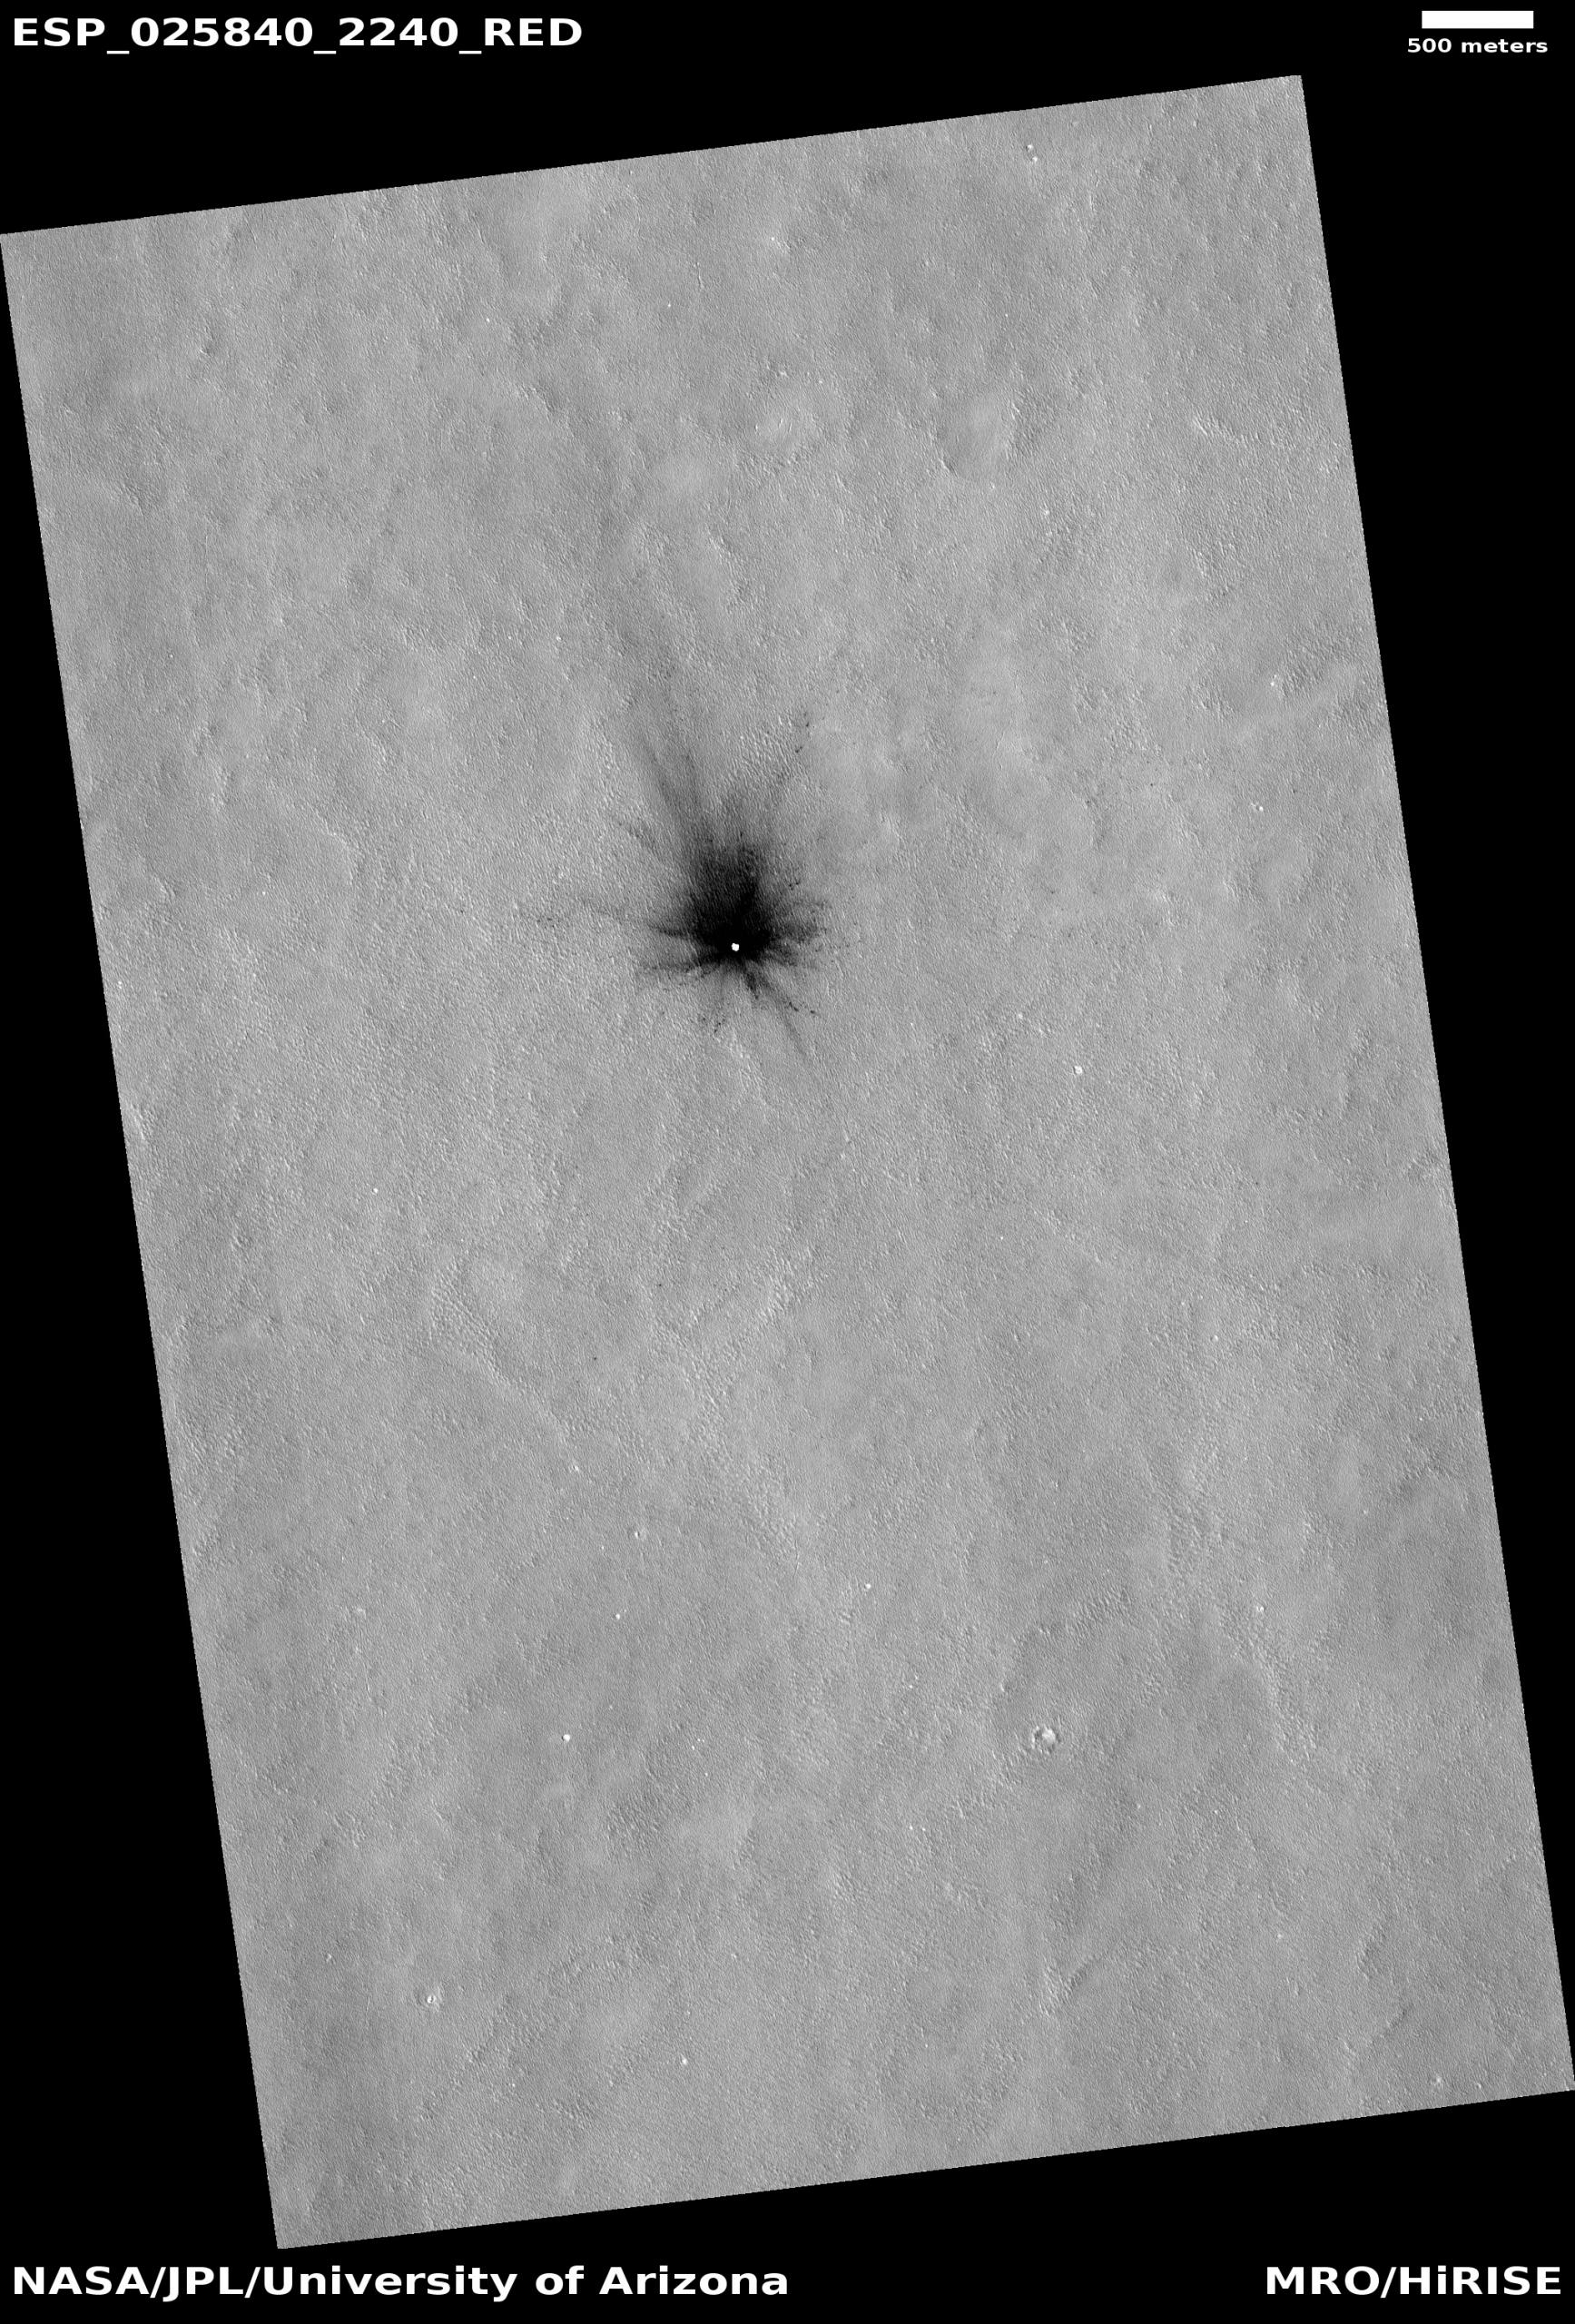 Candidato a nuevo sitio de impacto en Arcadia con posible exposición al hielo. Crédito: HiRISE, NASA / JPL / Universidad de Arizona.